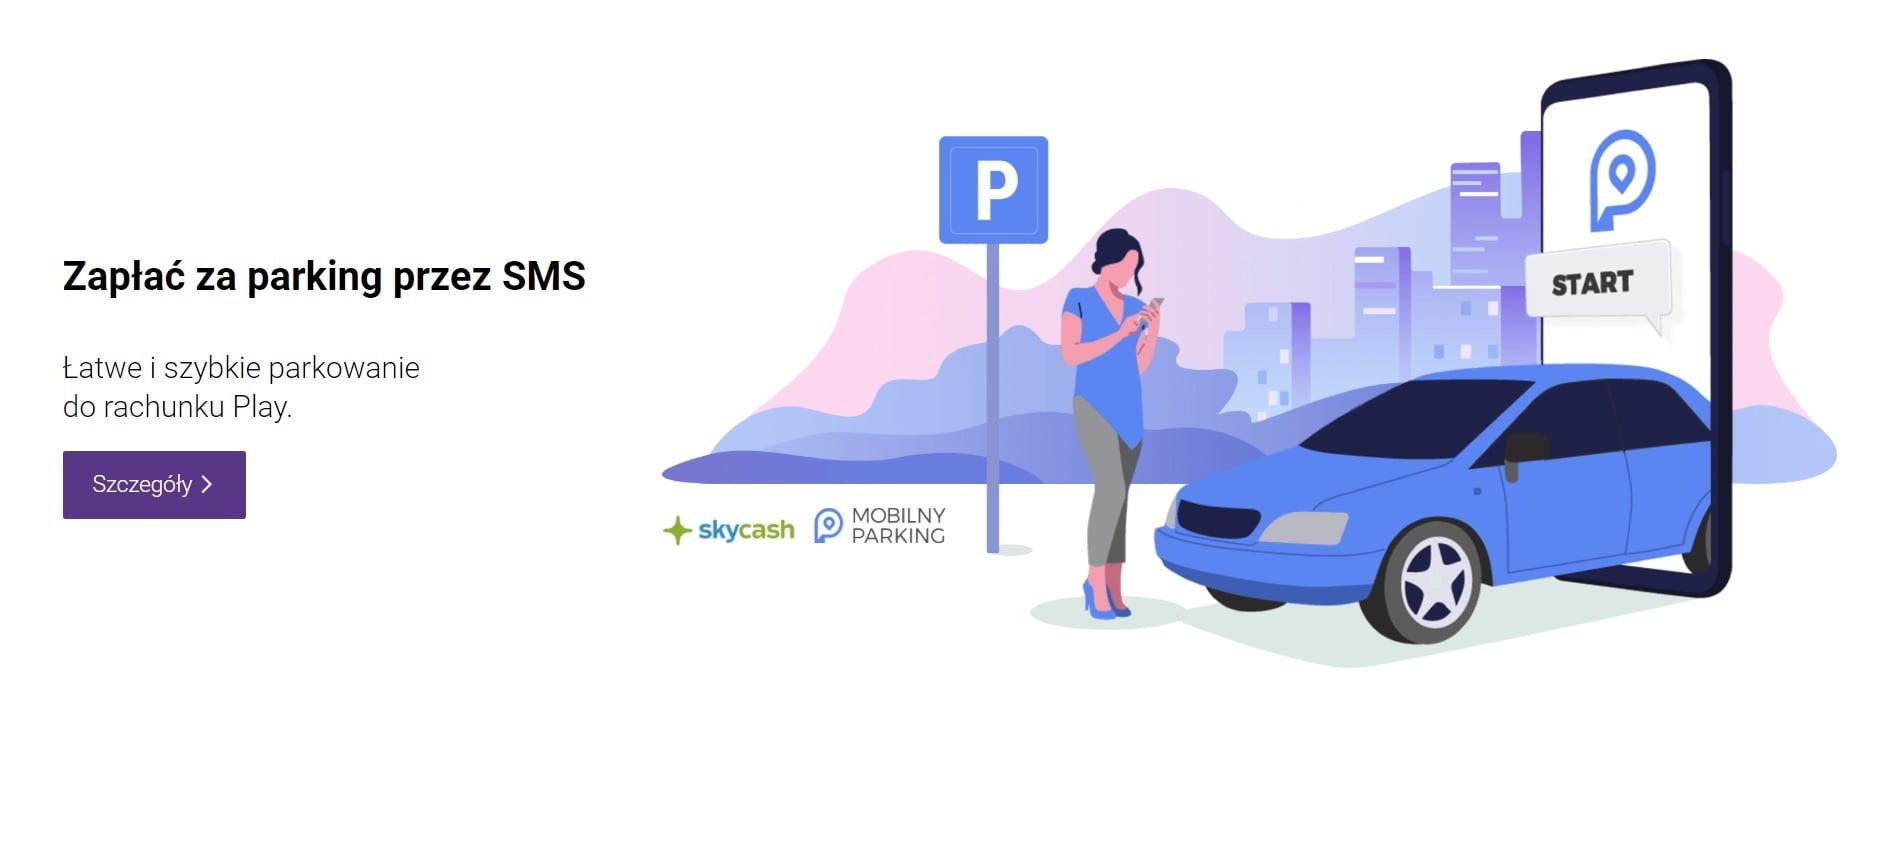 Nowość: Zapłać za parking przez SMS i dopisz do rachunku w Play 19